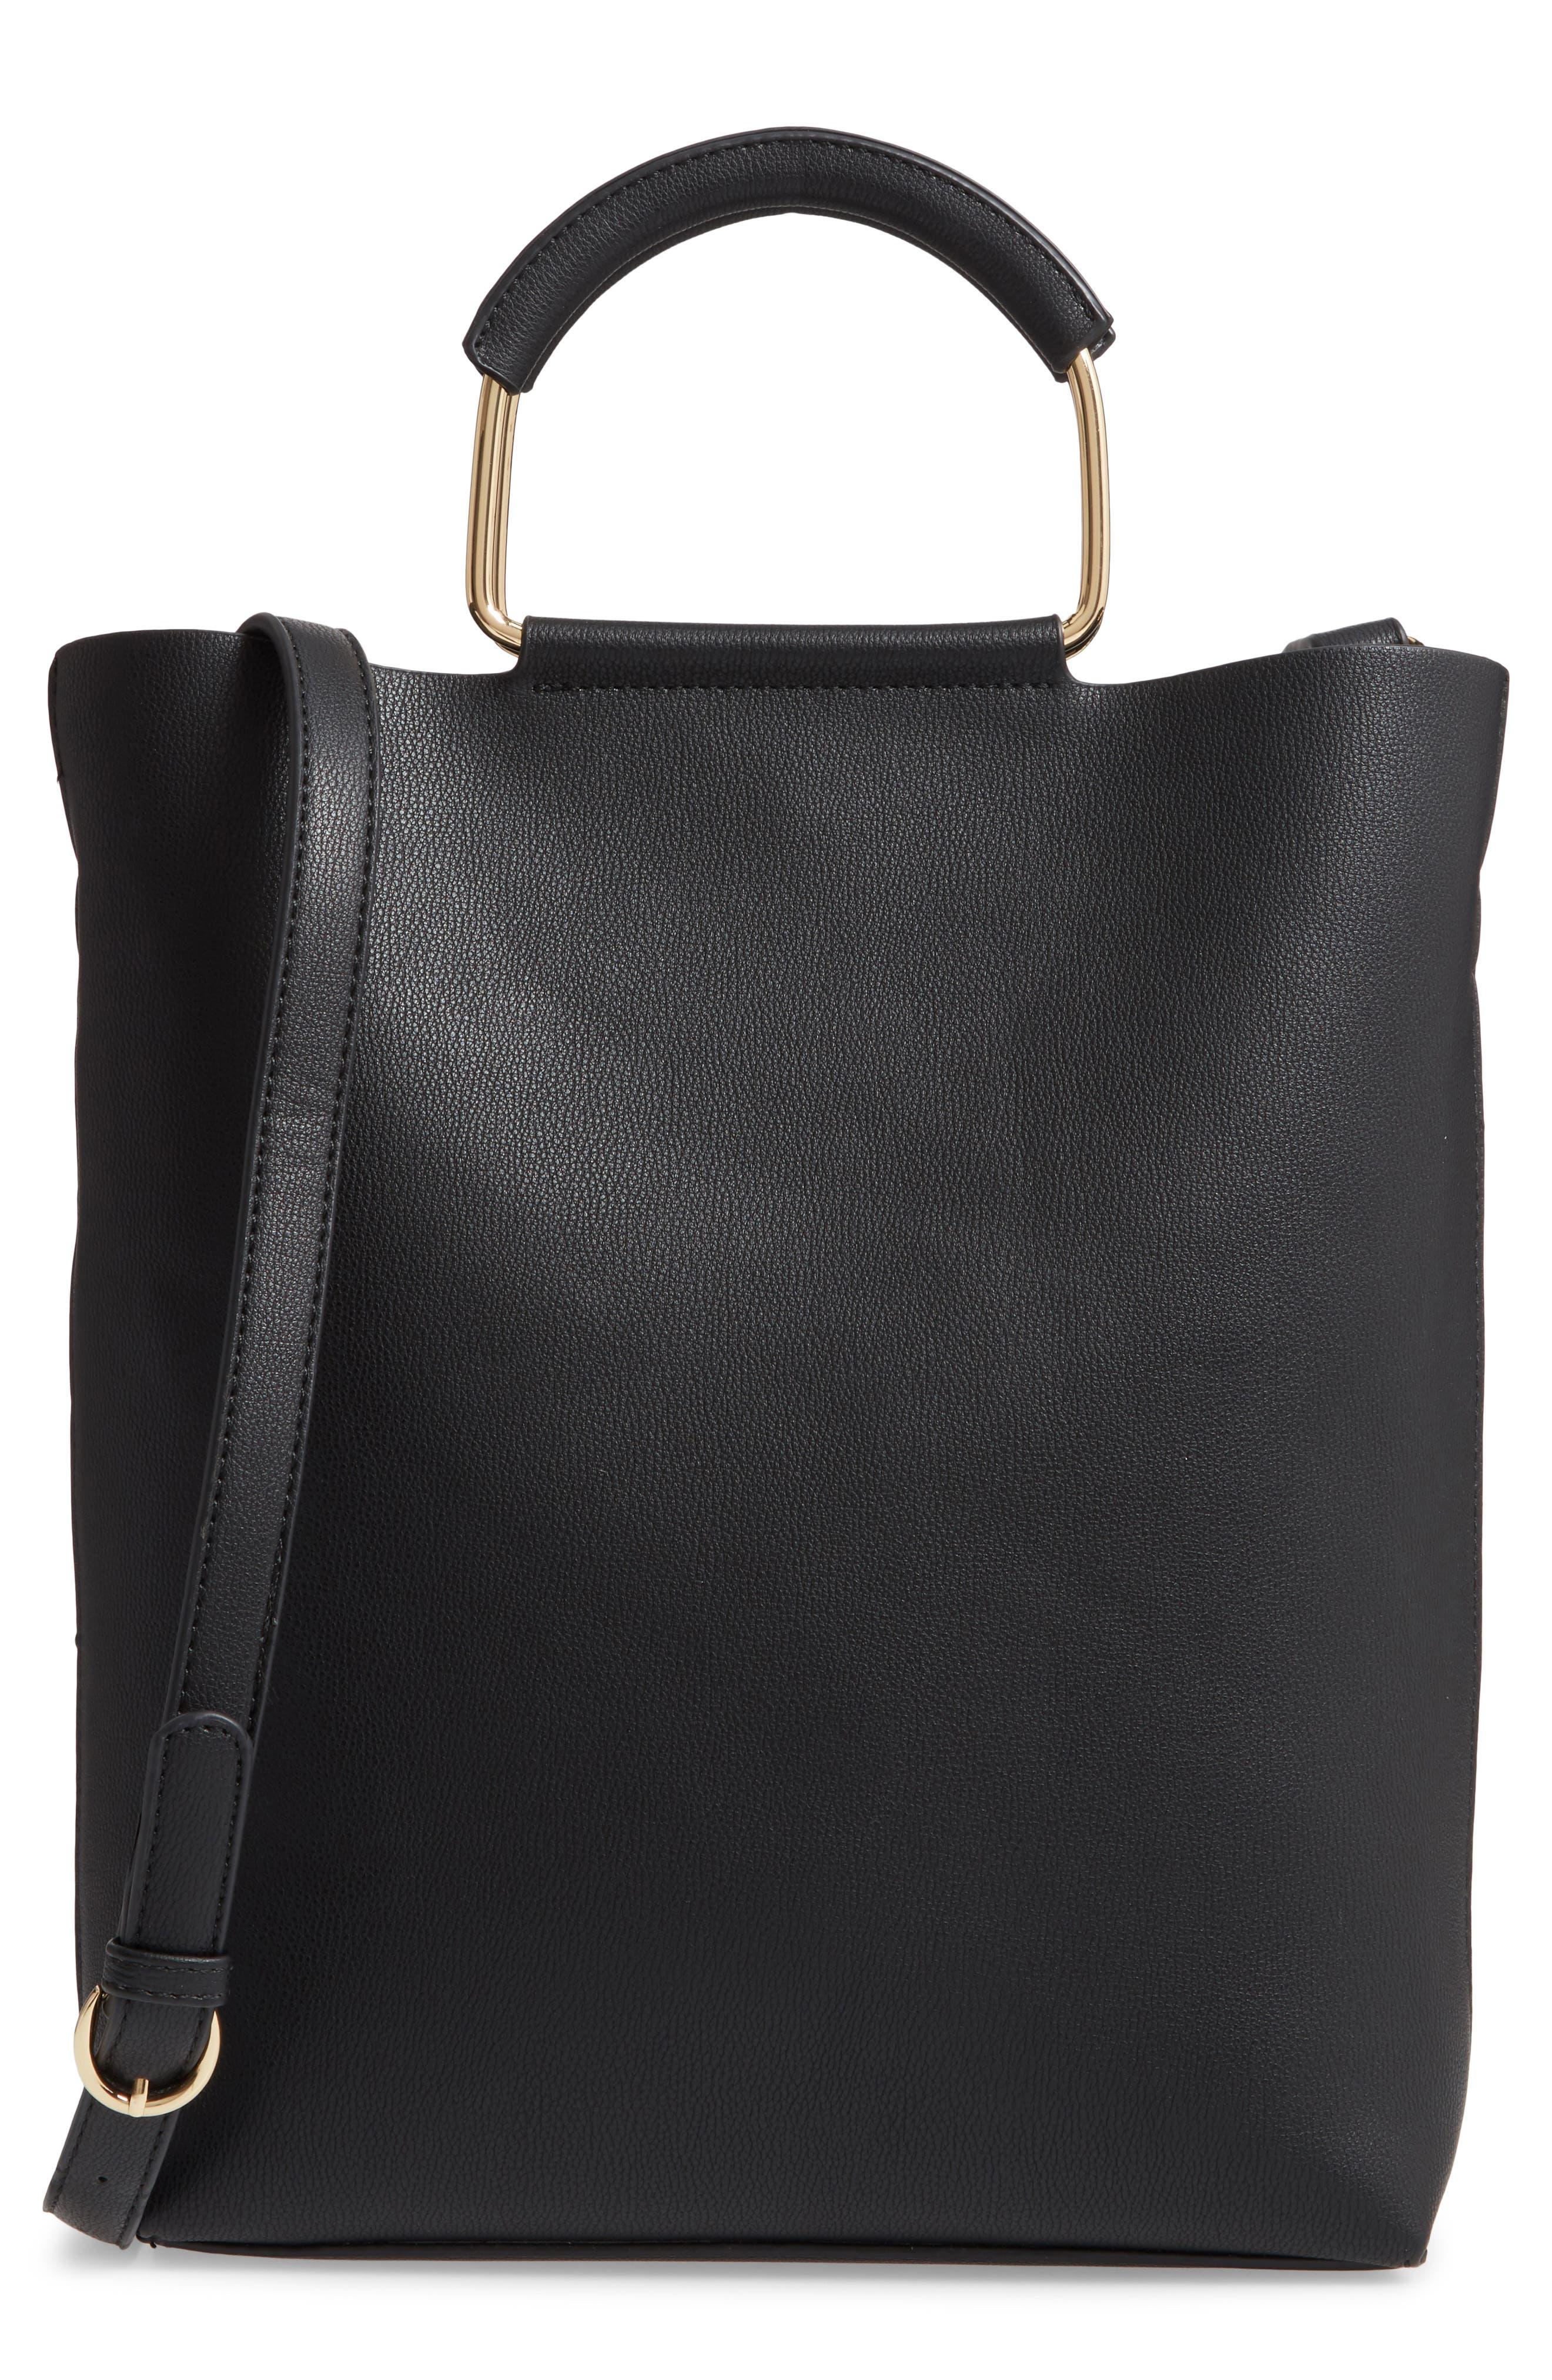 TROUVÉ Payton Convertible Faux Leather Tote, Main, color, BLACK